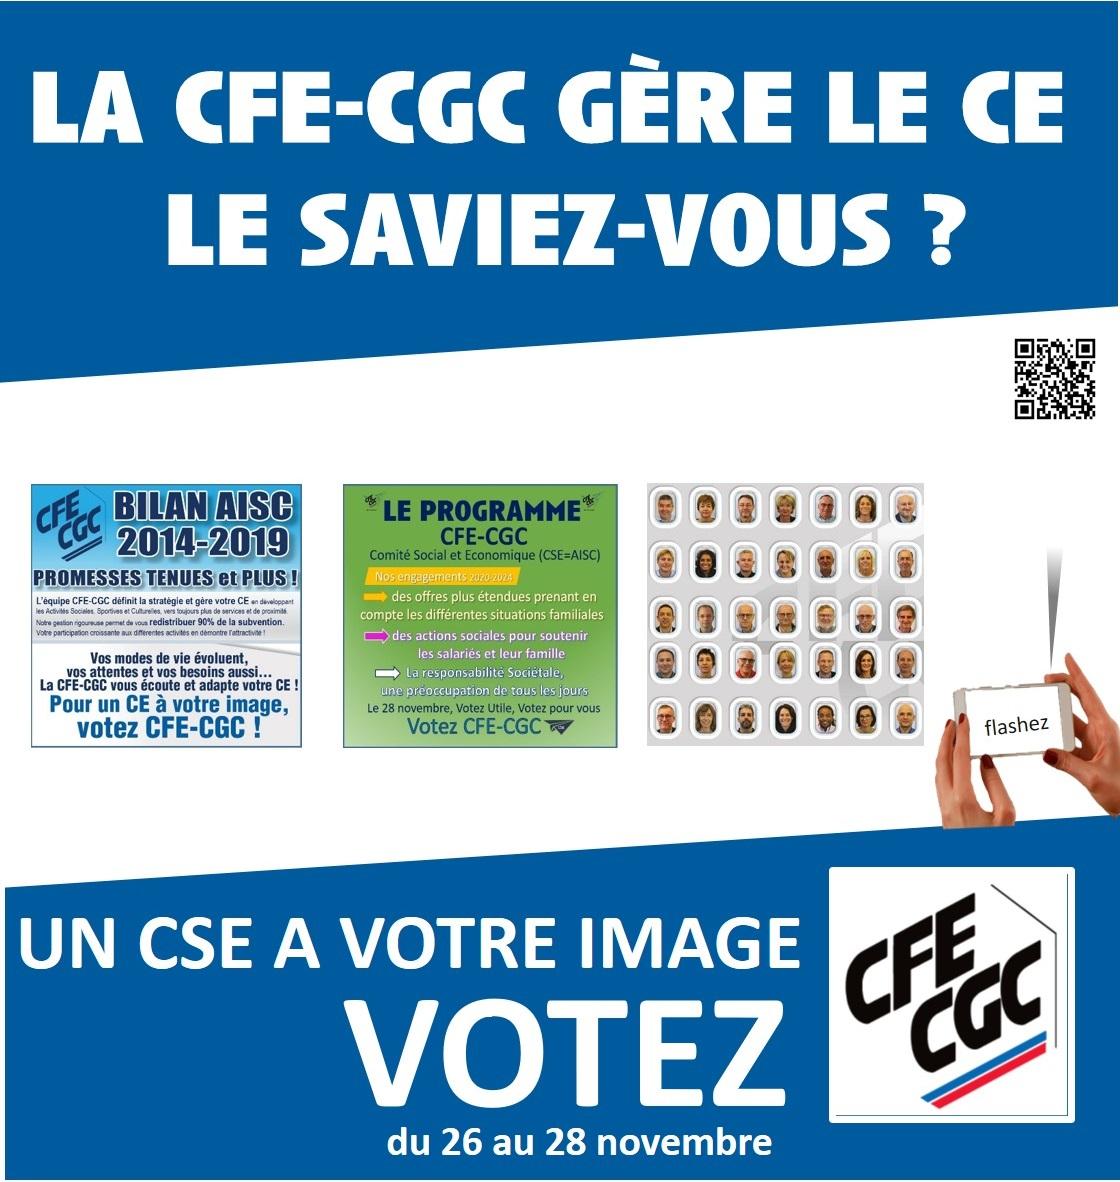 La CFE-CGC Gère le CE